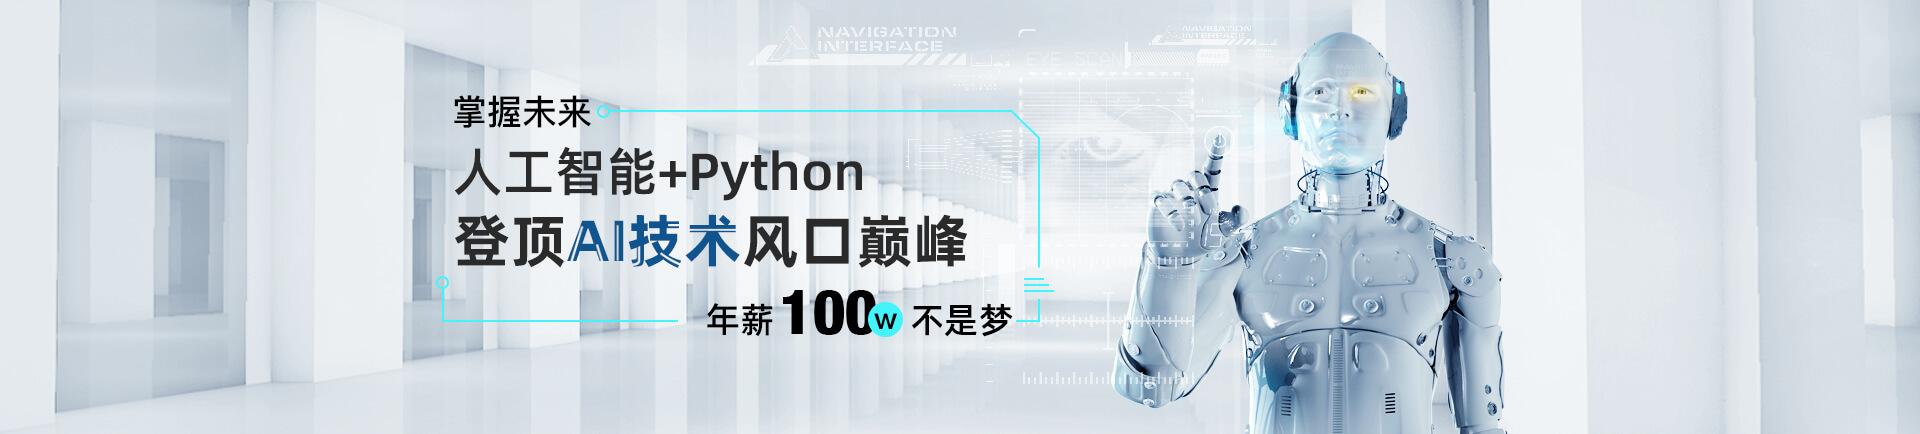 掌握未来,人工智能+Python登顶AI技术巅峰,年薪100W不是梦